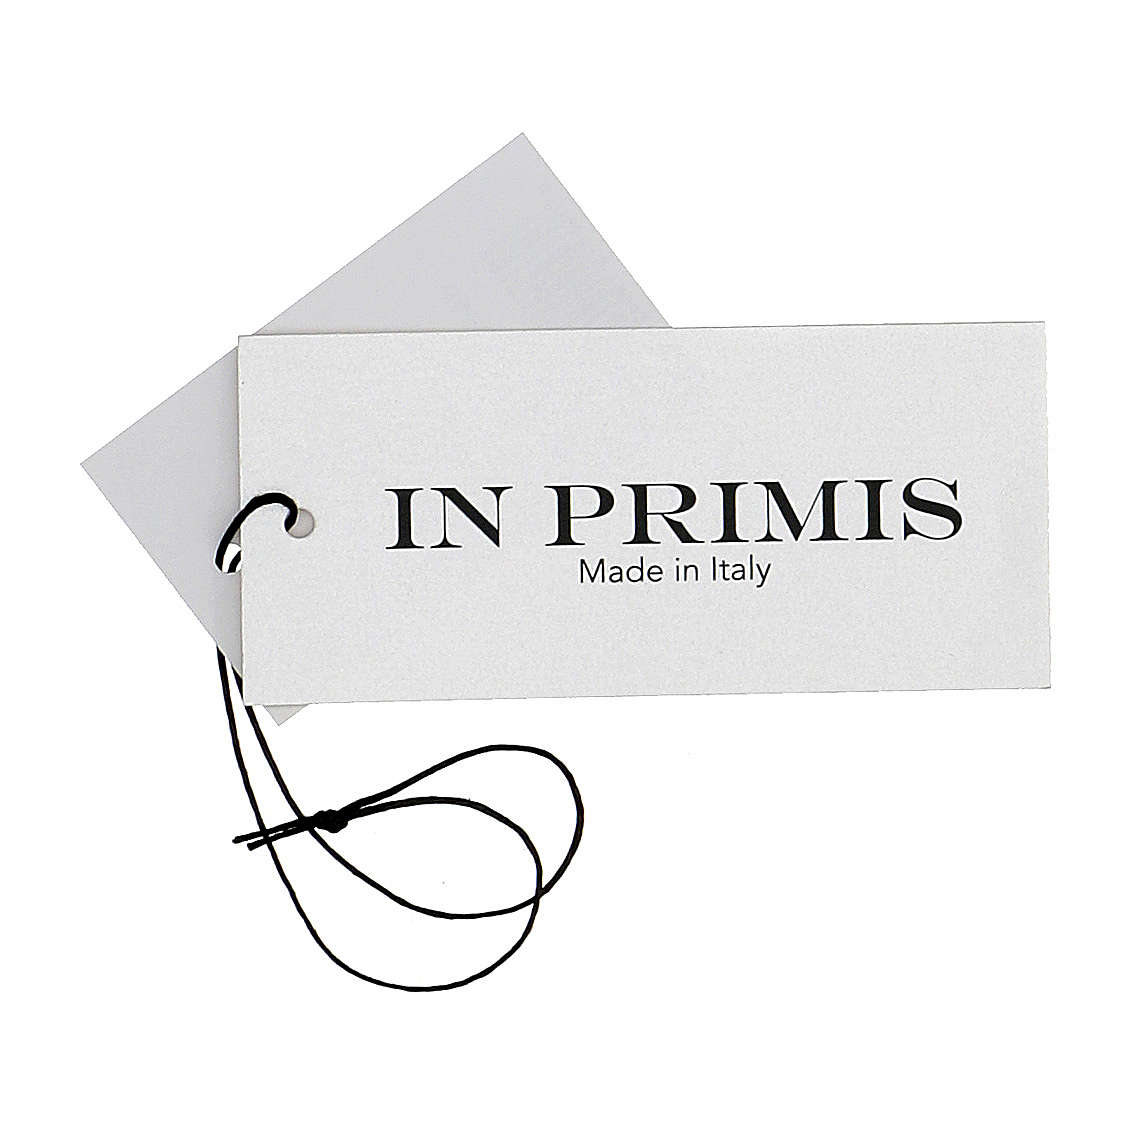 Gilet bianco suora con tasche collo a V 50% acrilico 50% lana merino In Primis 4